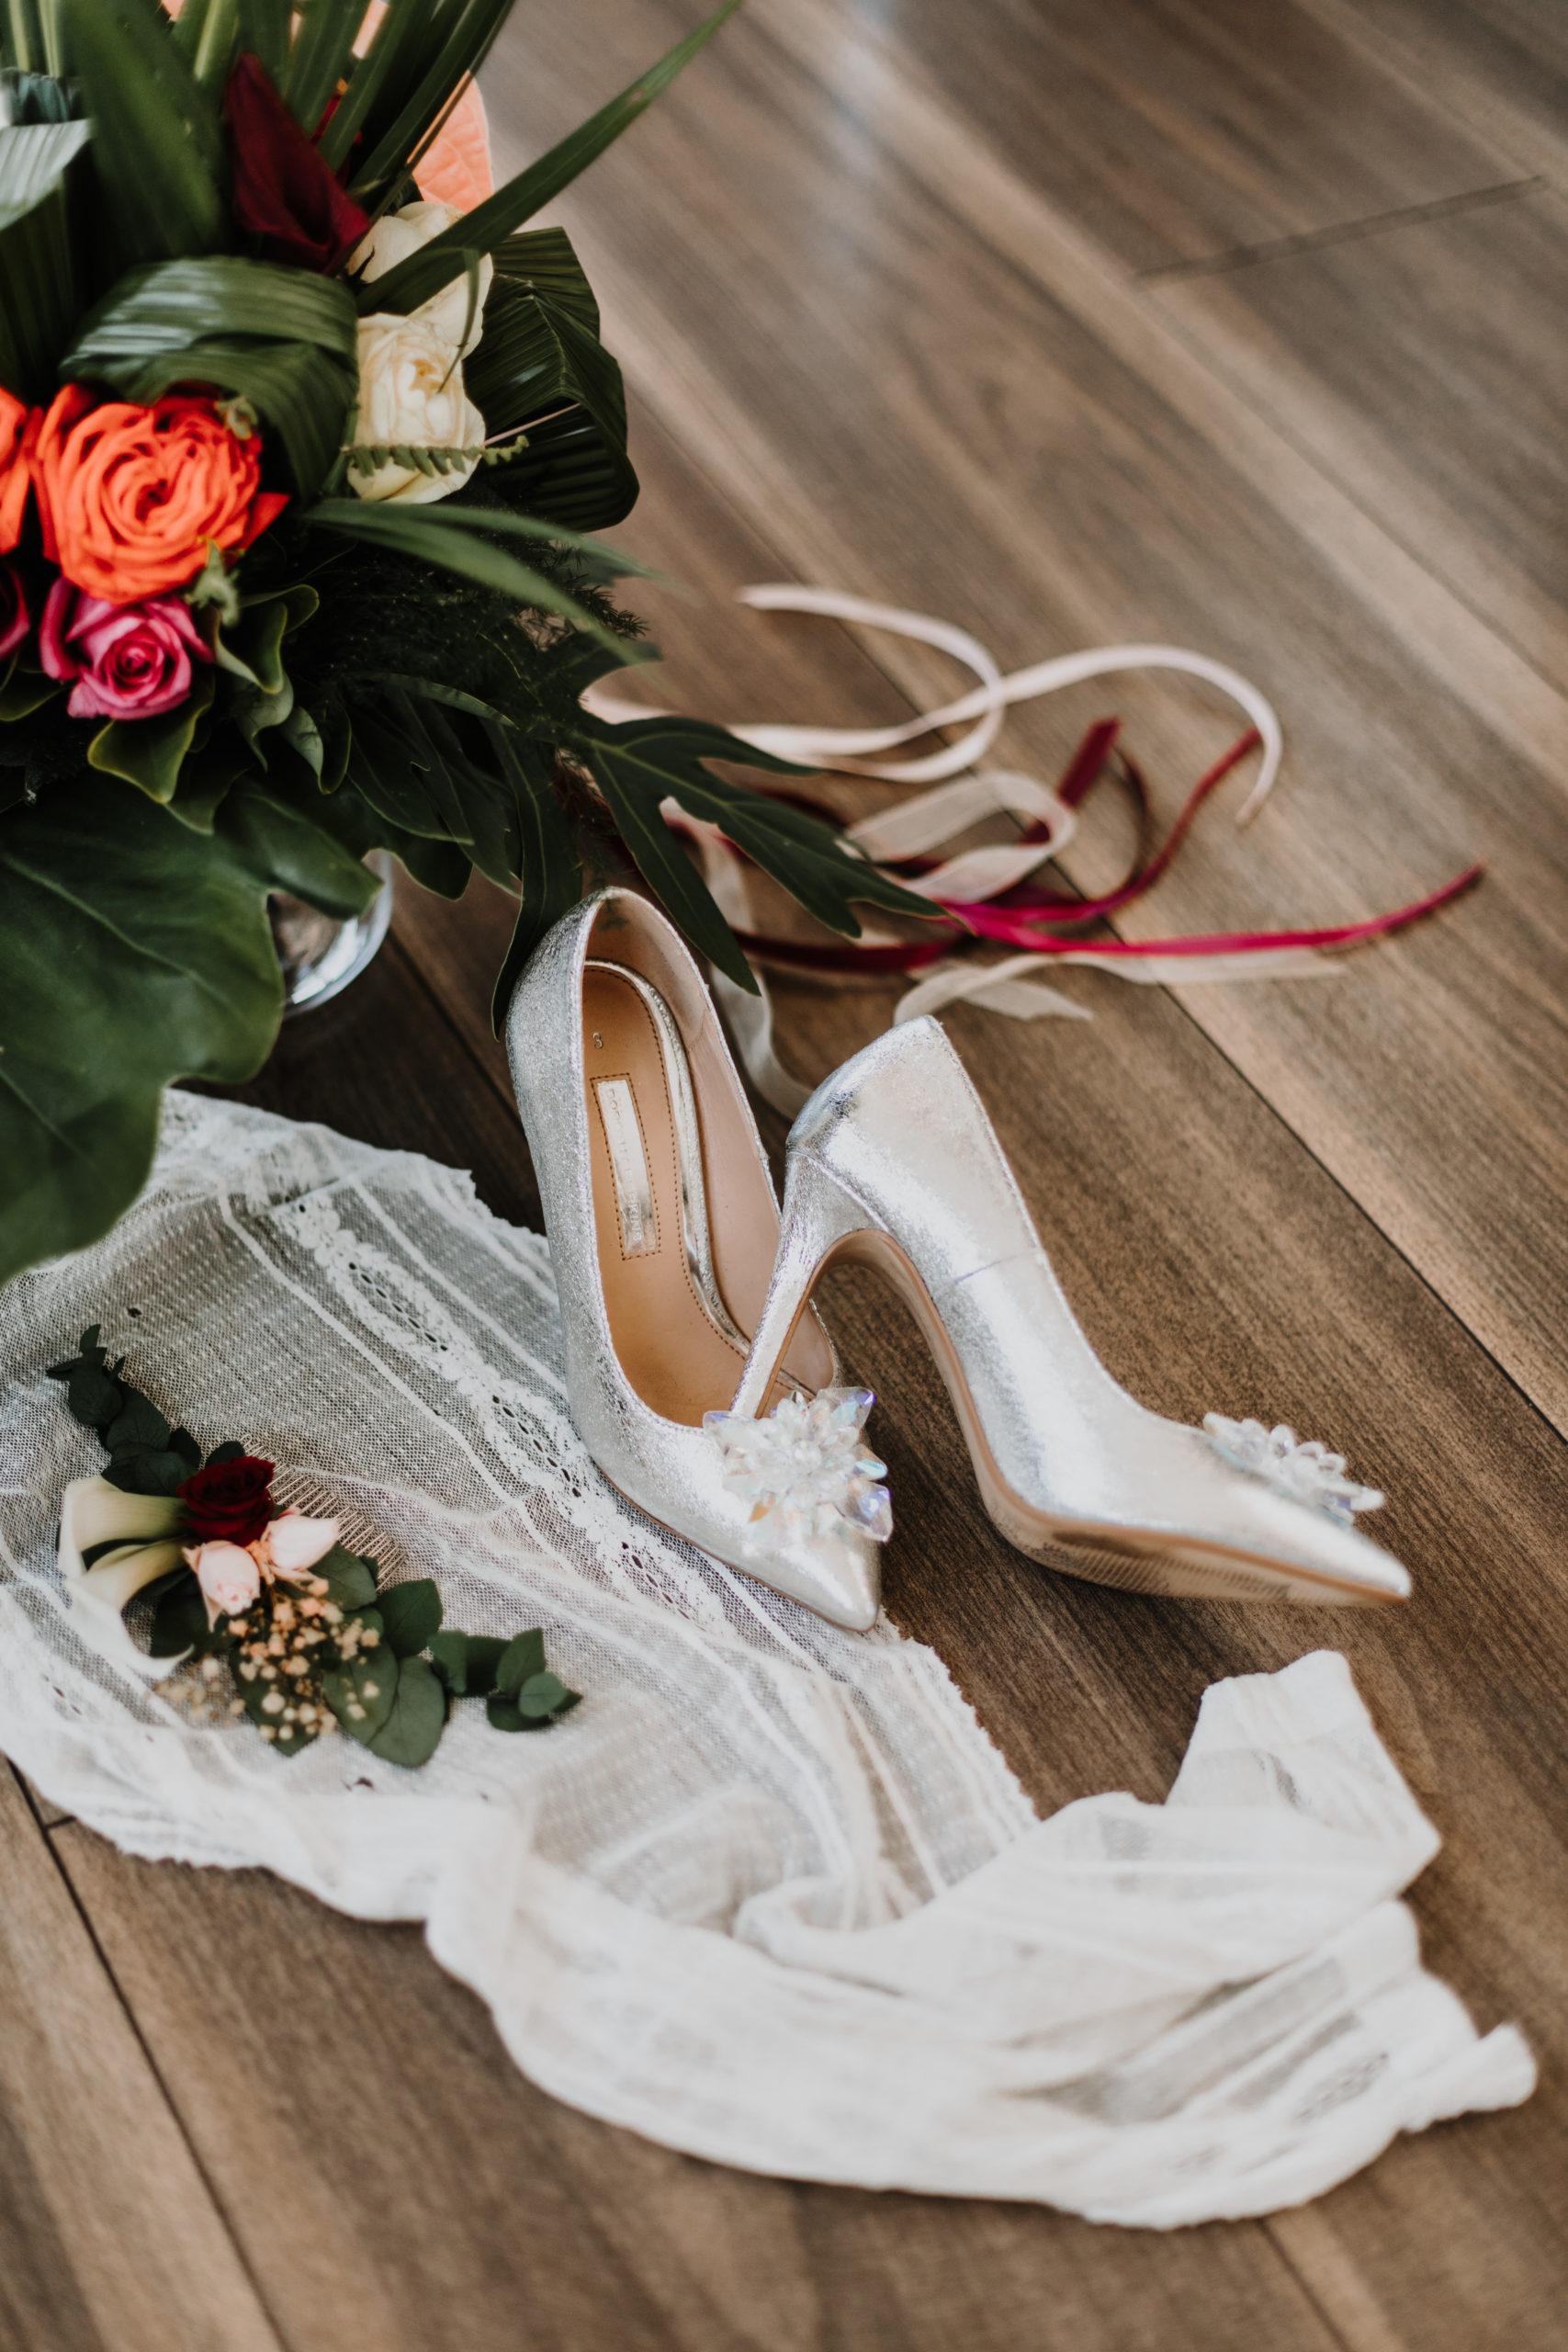 détail des chaussures de la mariées et du bouquet